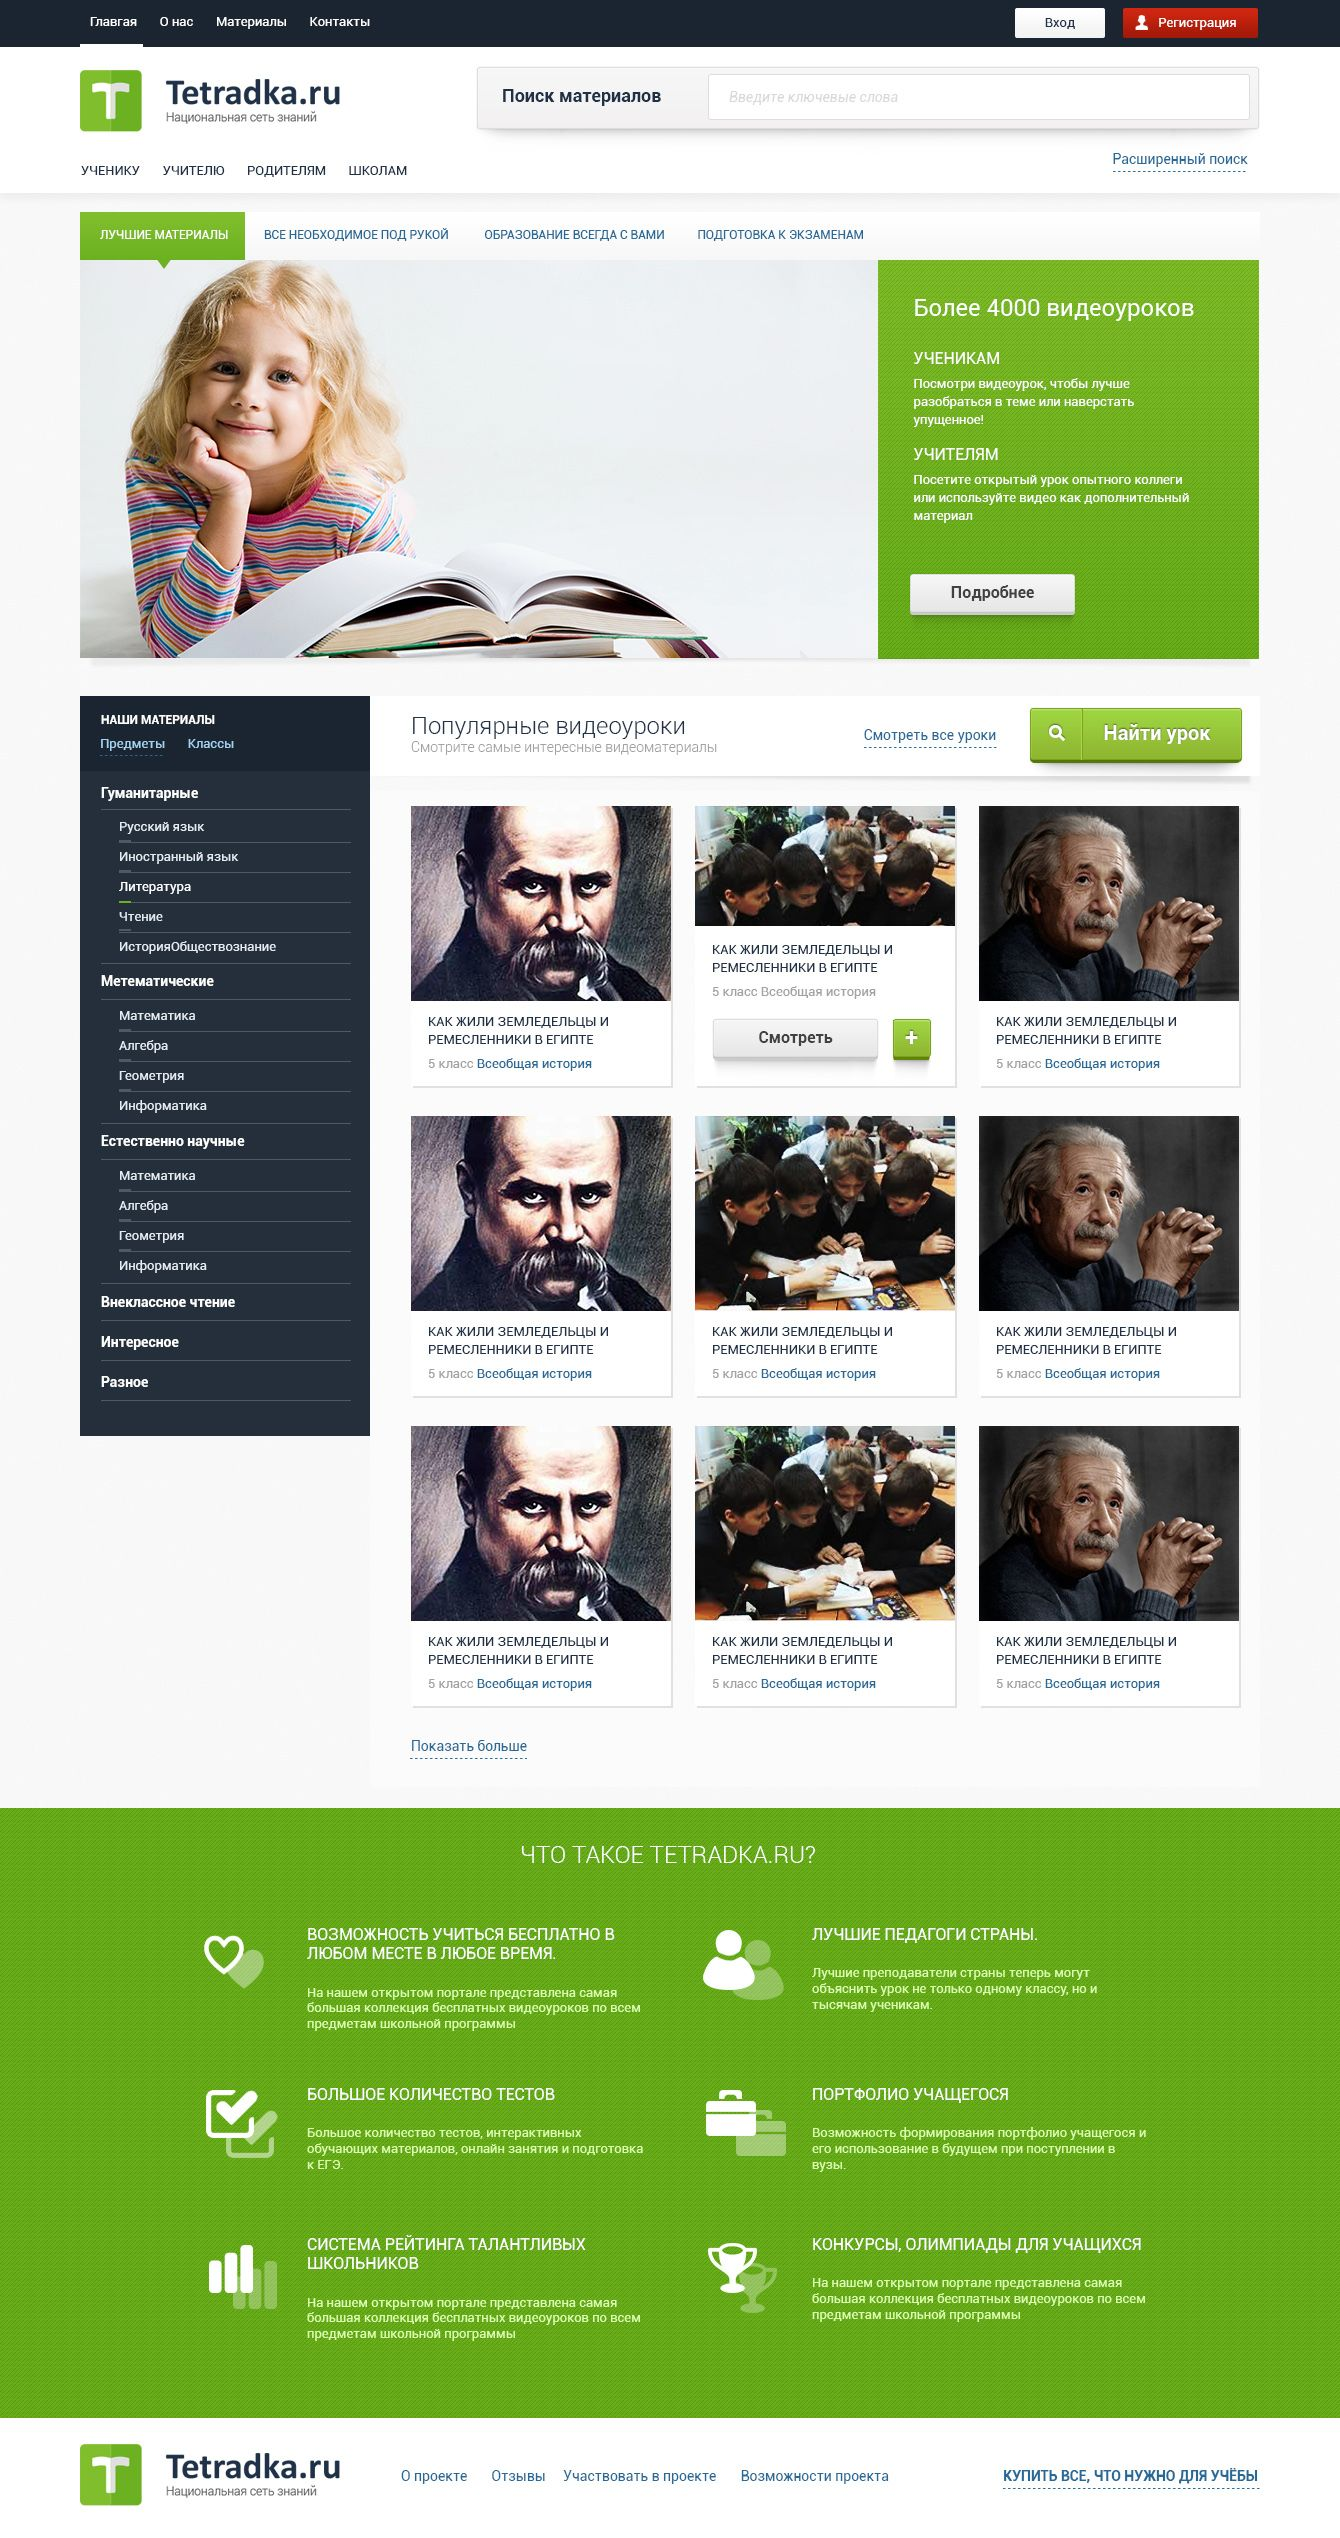 Главная страница образовательной сети tetradka.ru - дизайнер qwerty_1